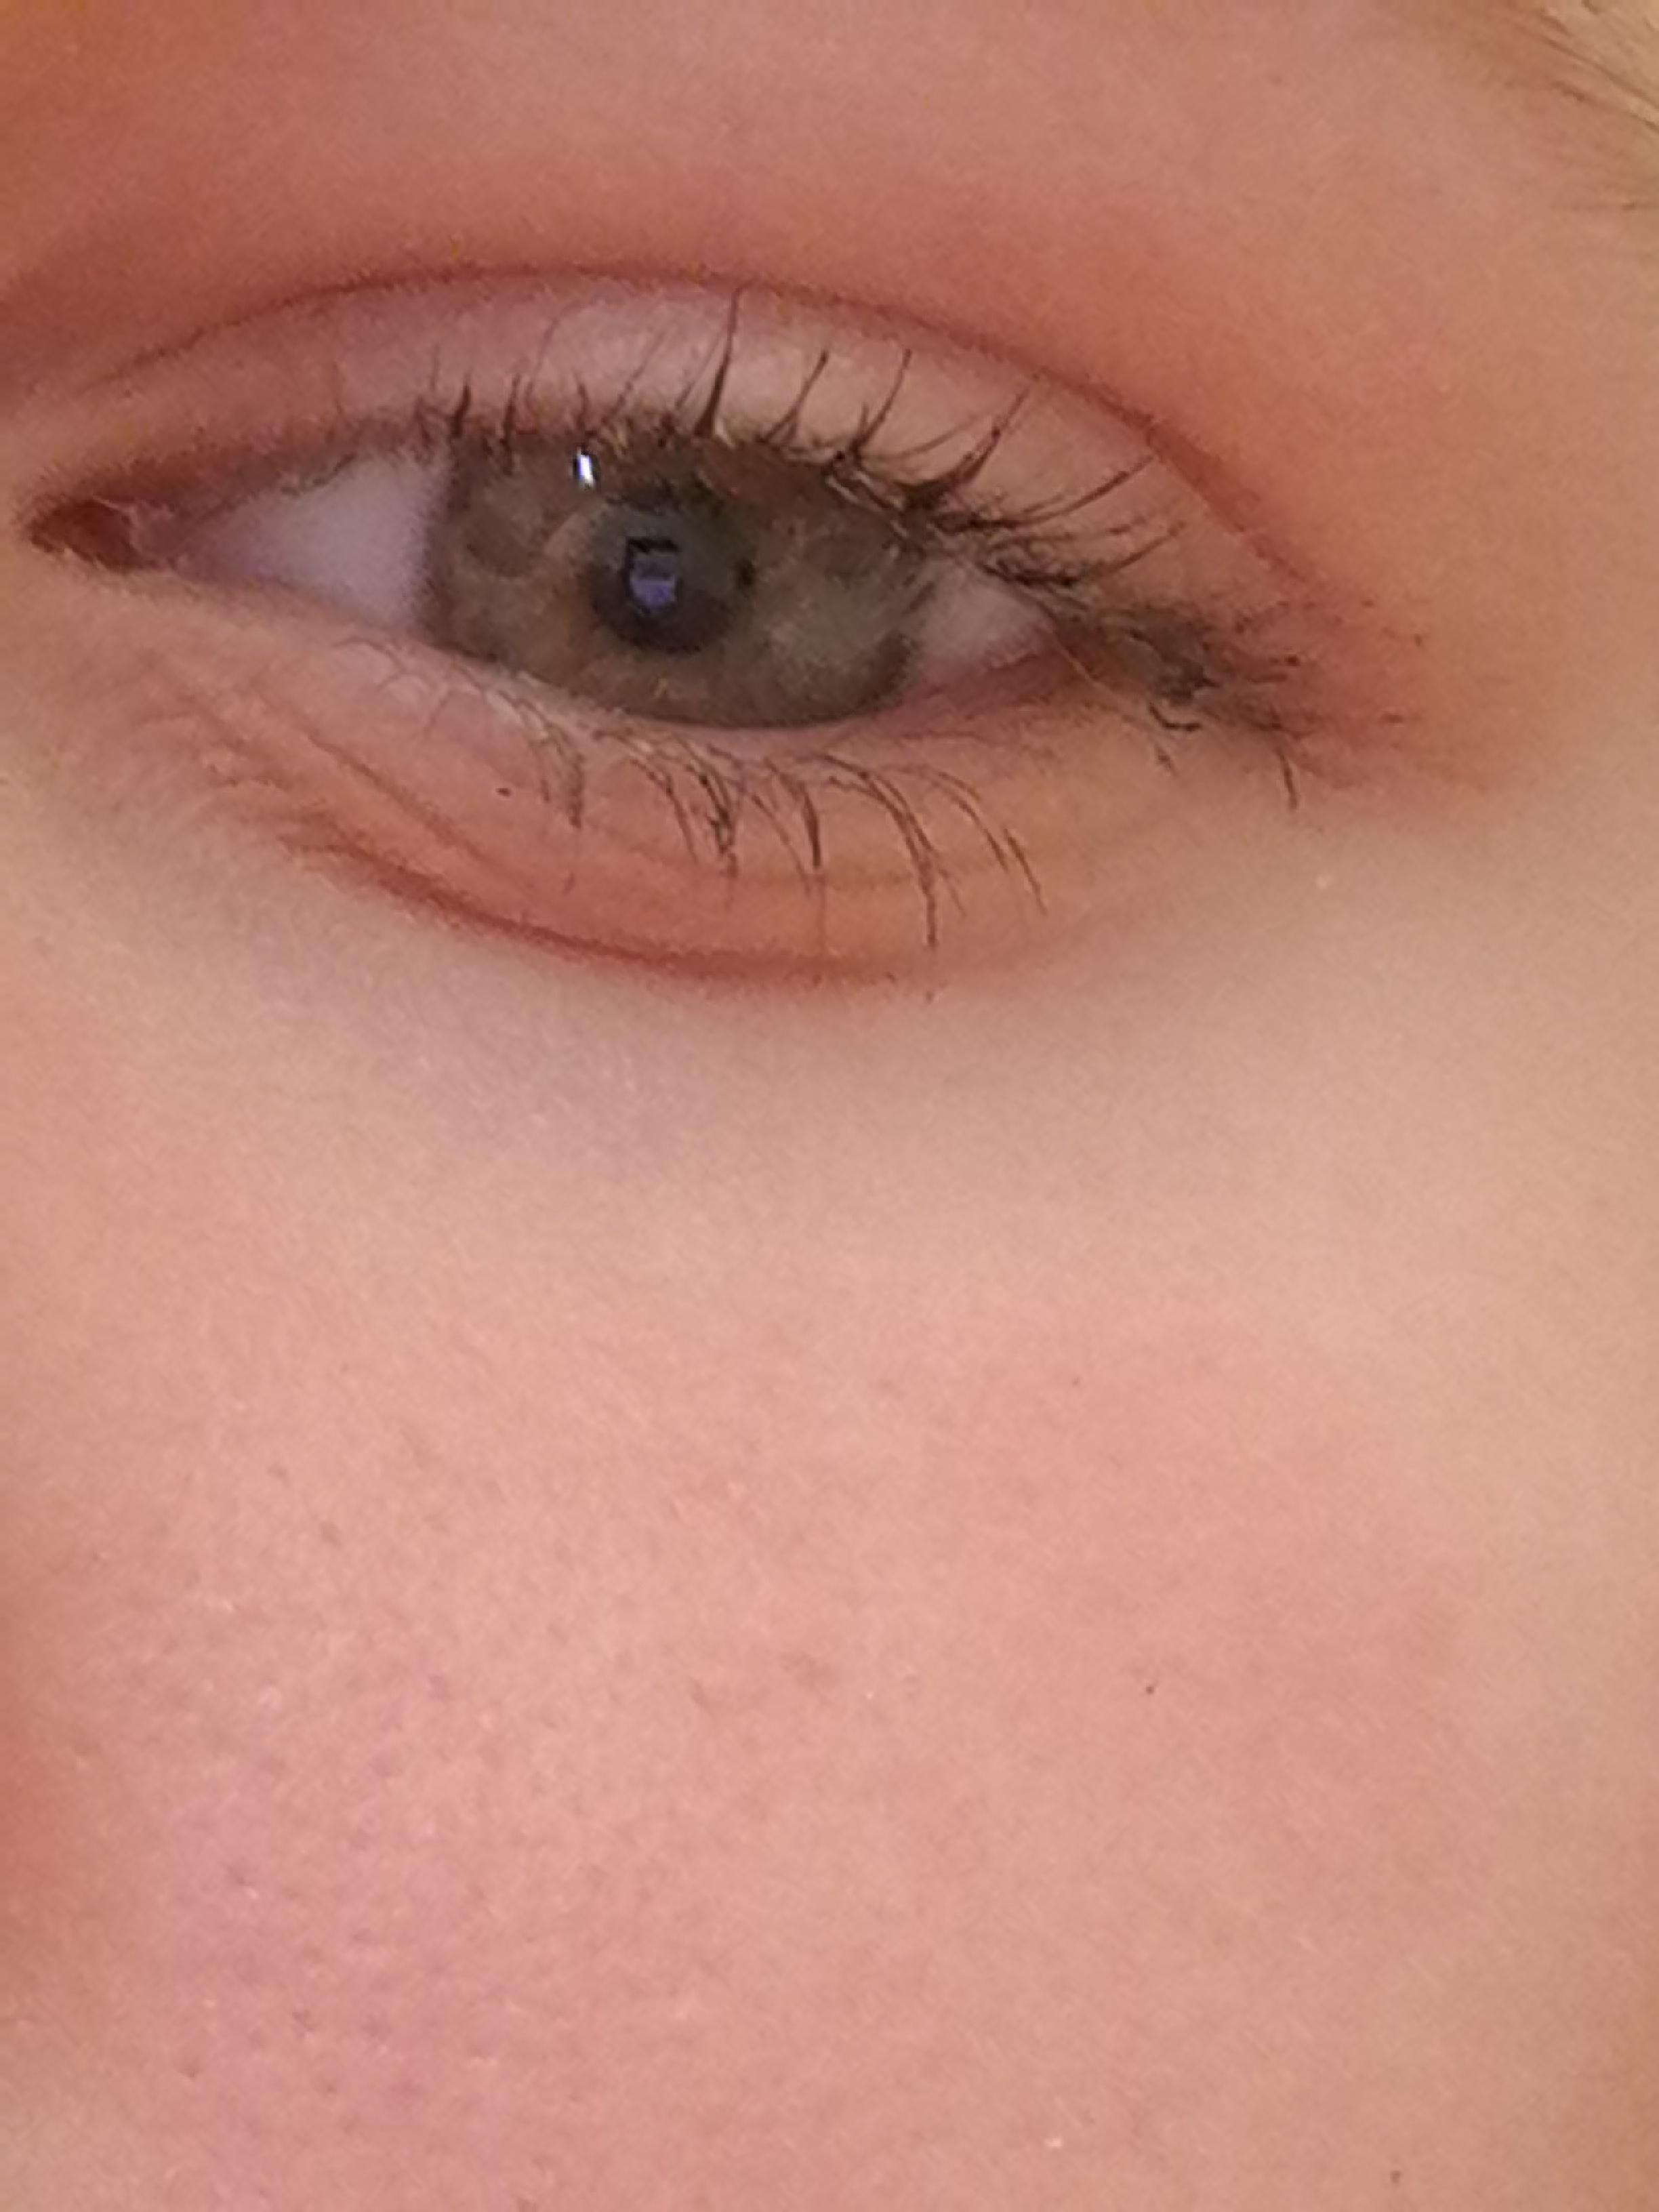 Welche Augenfarbe habe ich? ist diese Augenfarbe selten